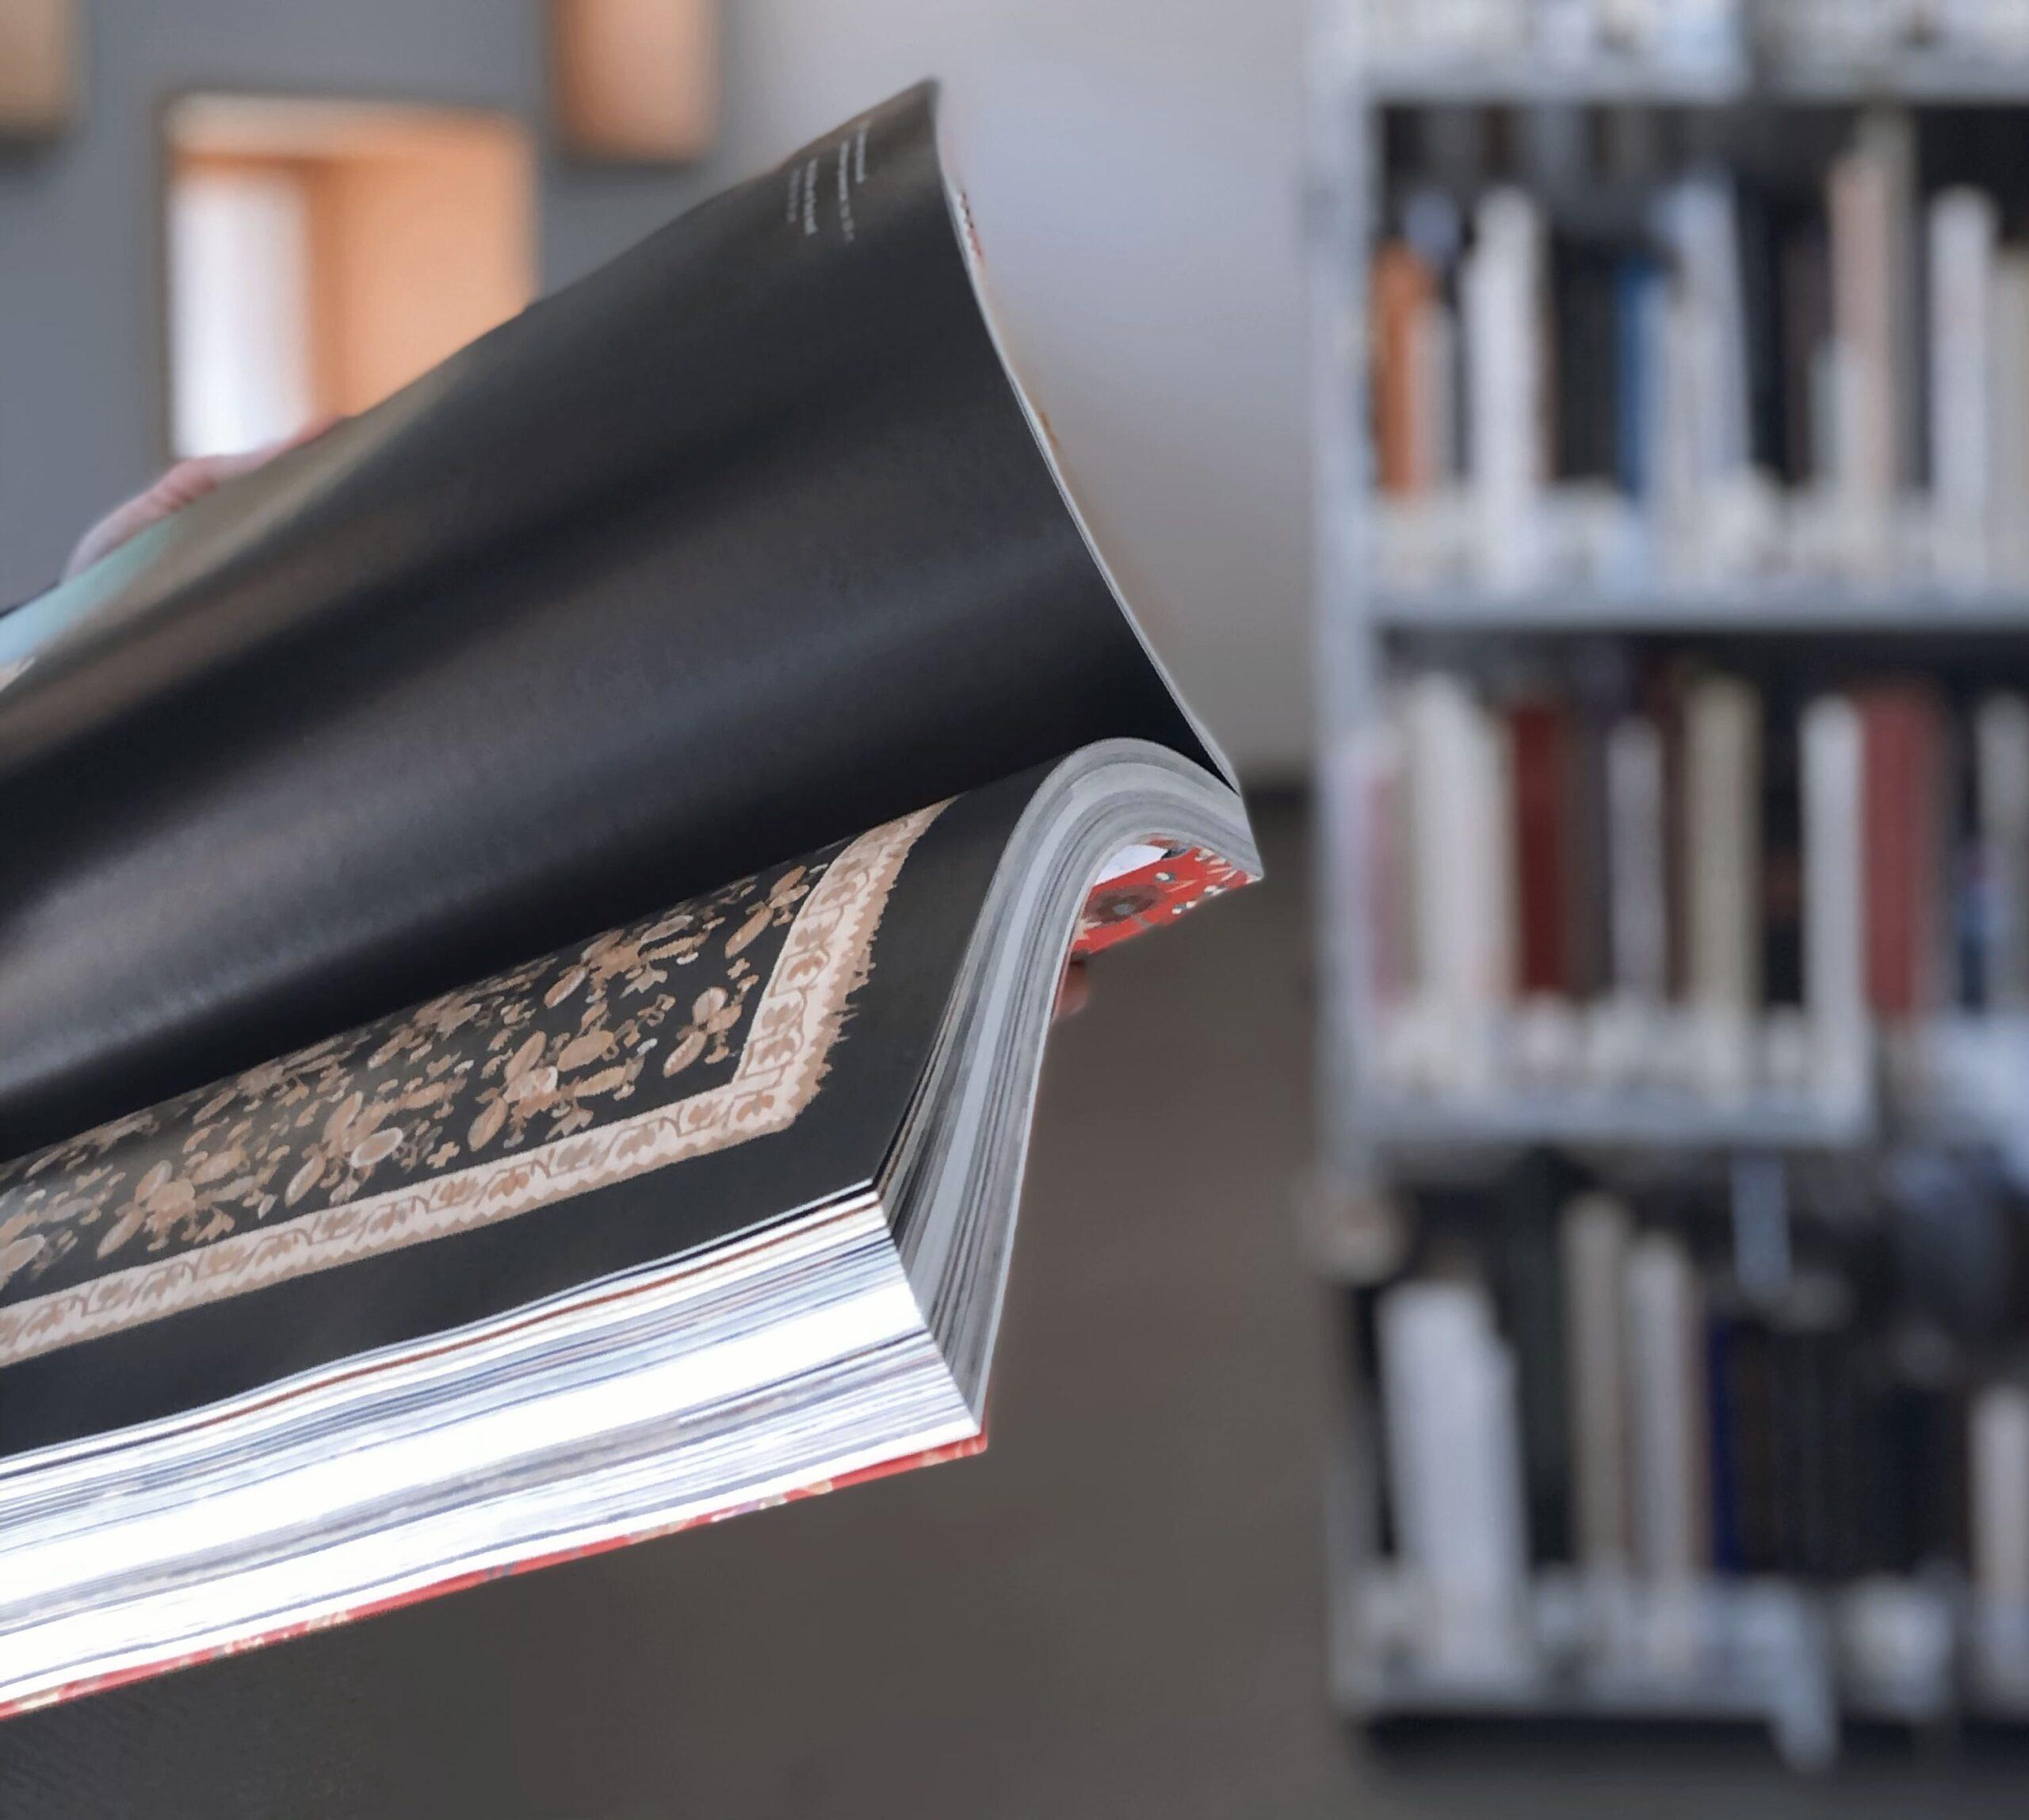 Національні стандарти з оформлення бібліографії